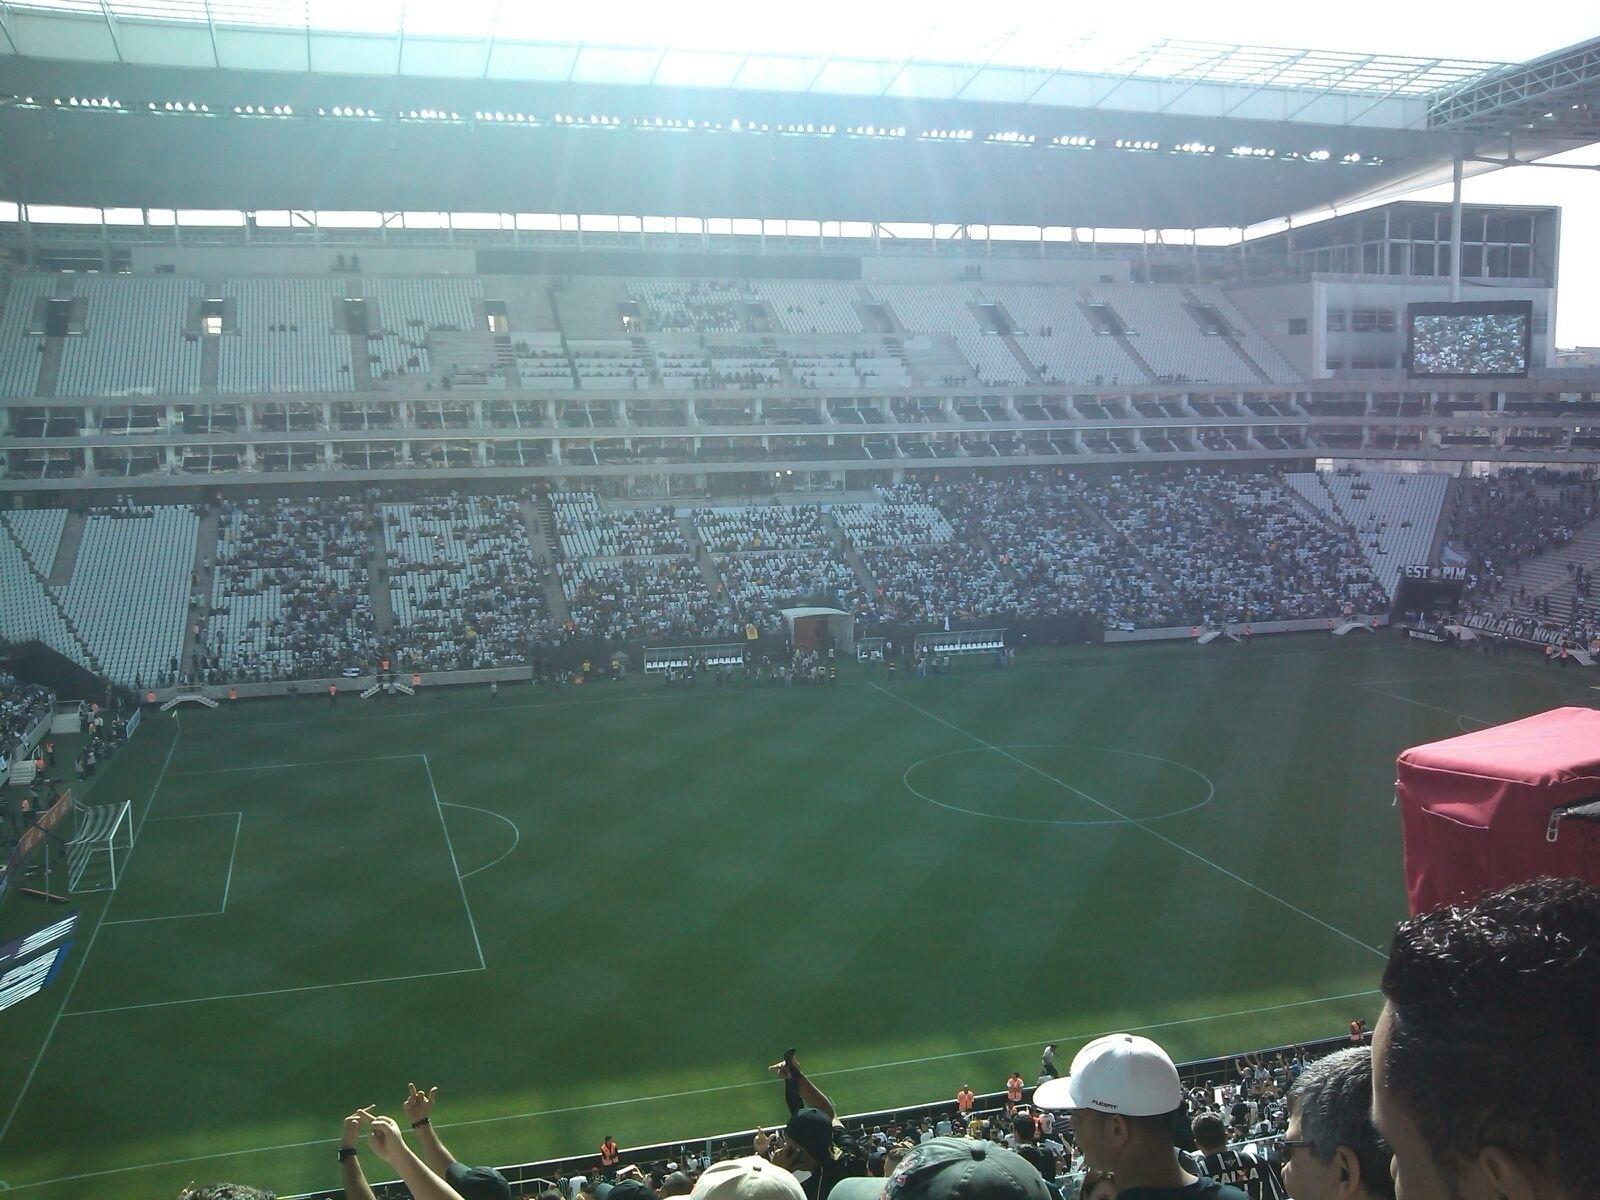 Um internauta enviou para o UOL Esporte uma imagem antes da torcida preencher todas os lugares do estádio